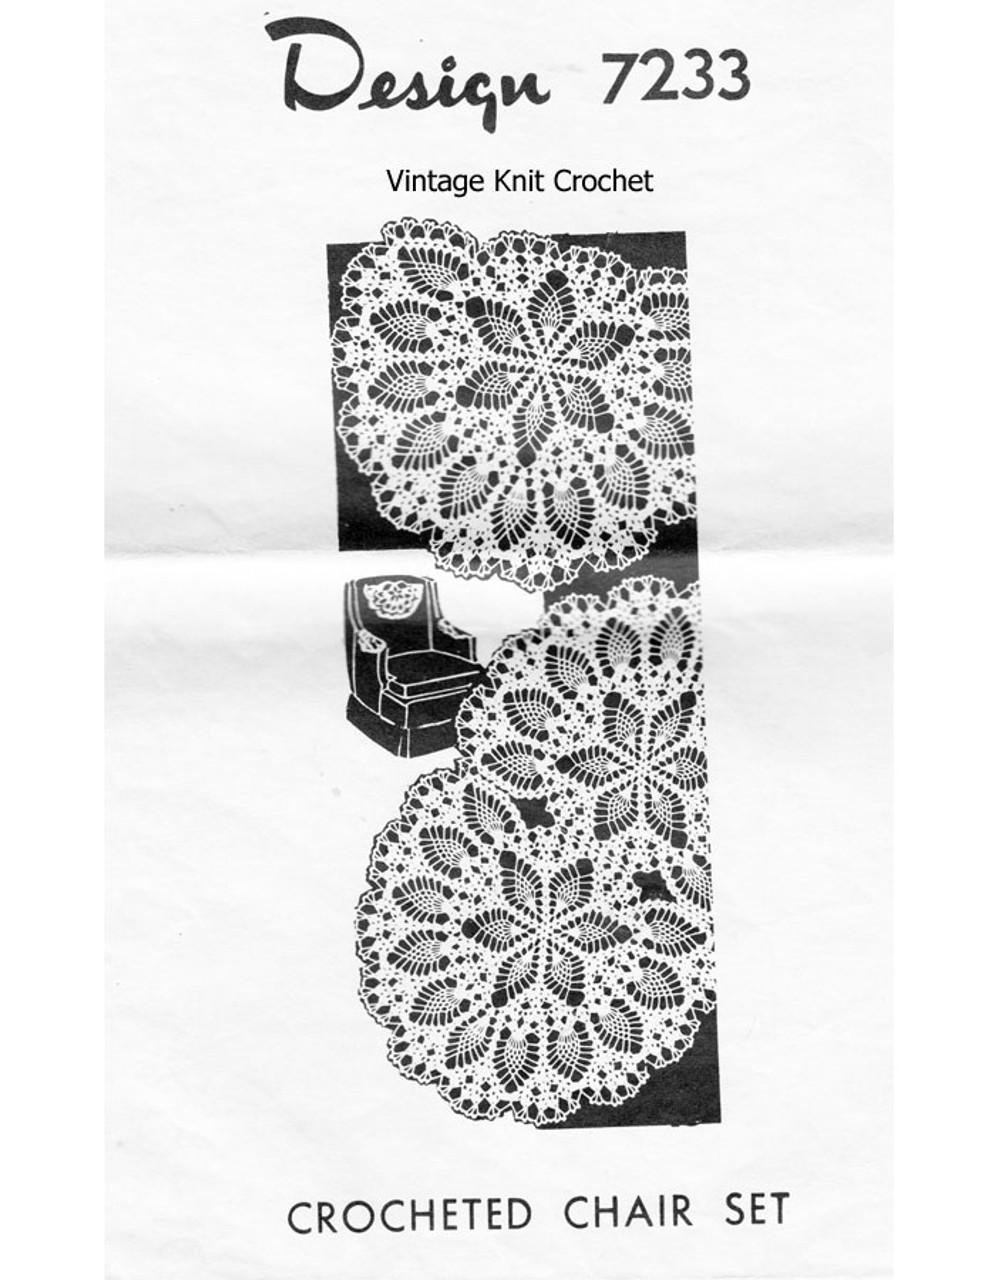 Crochet Doily, Pineapple Chair Set Design 7233